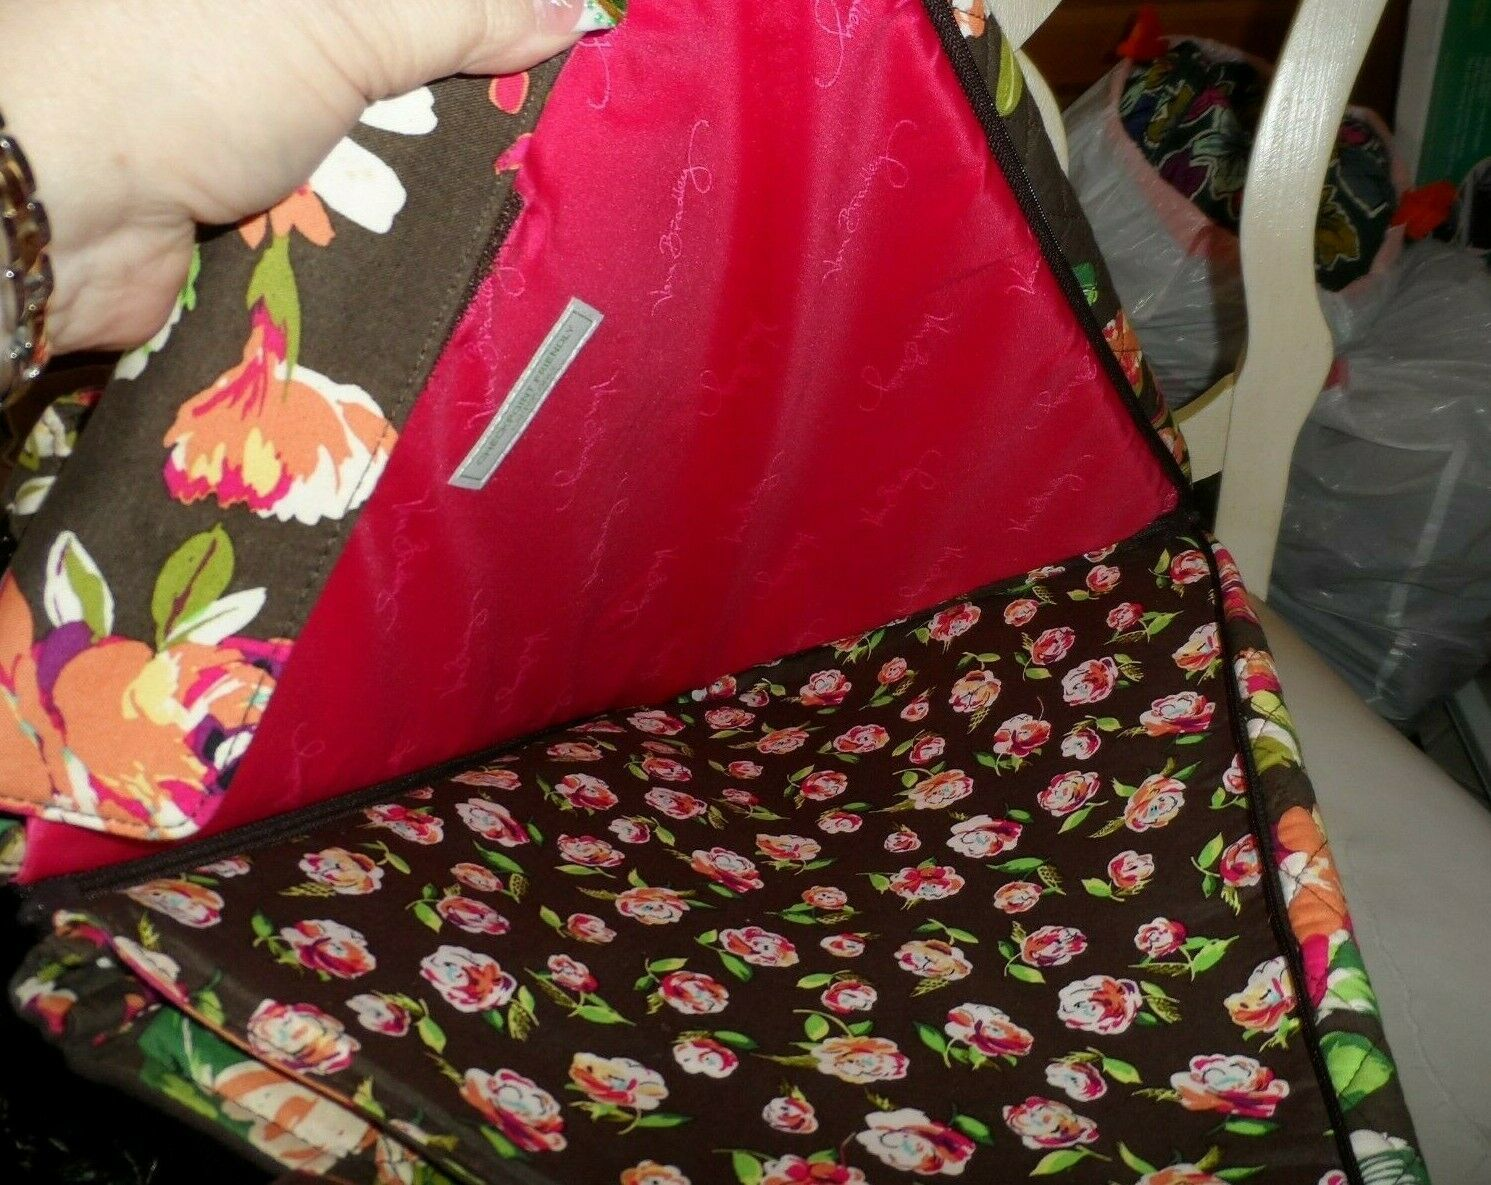 Vera Bradley laptop Travel Tote In English Rose image 5